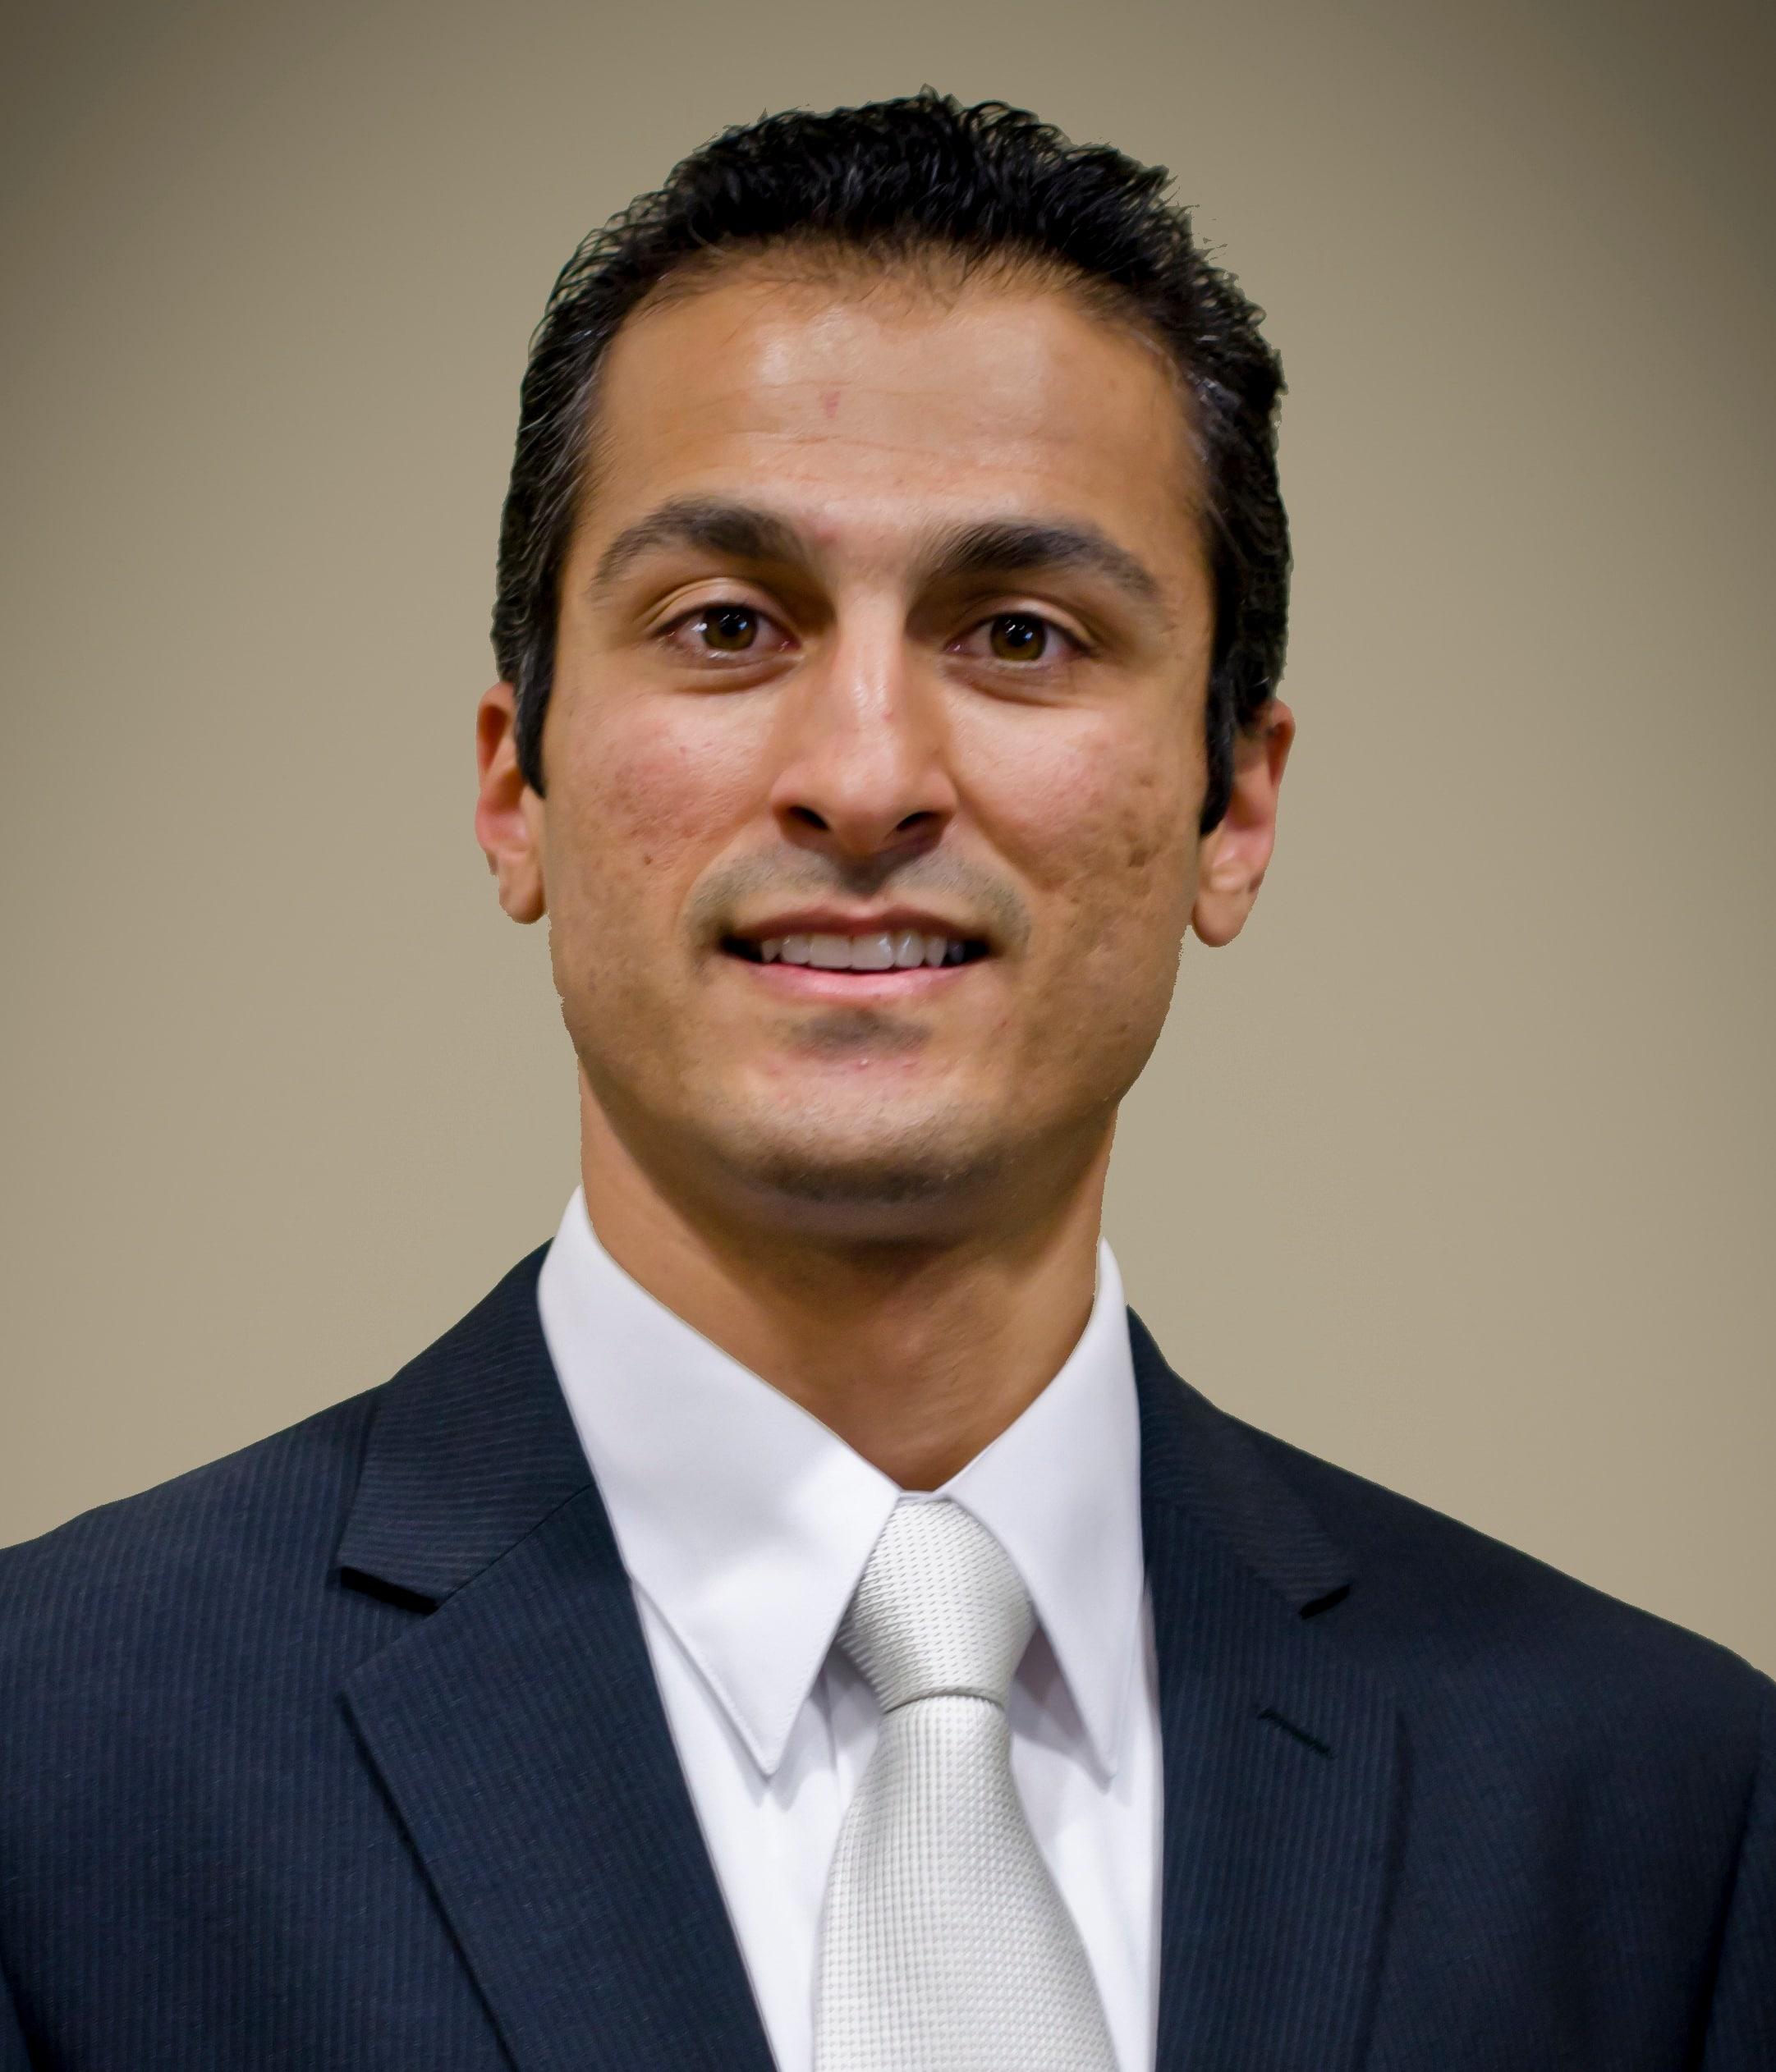 Dr. Armin S Arasheben MD